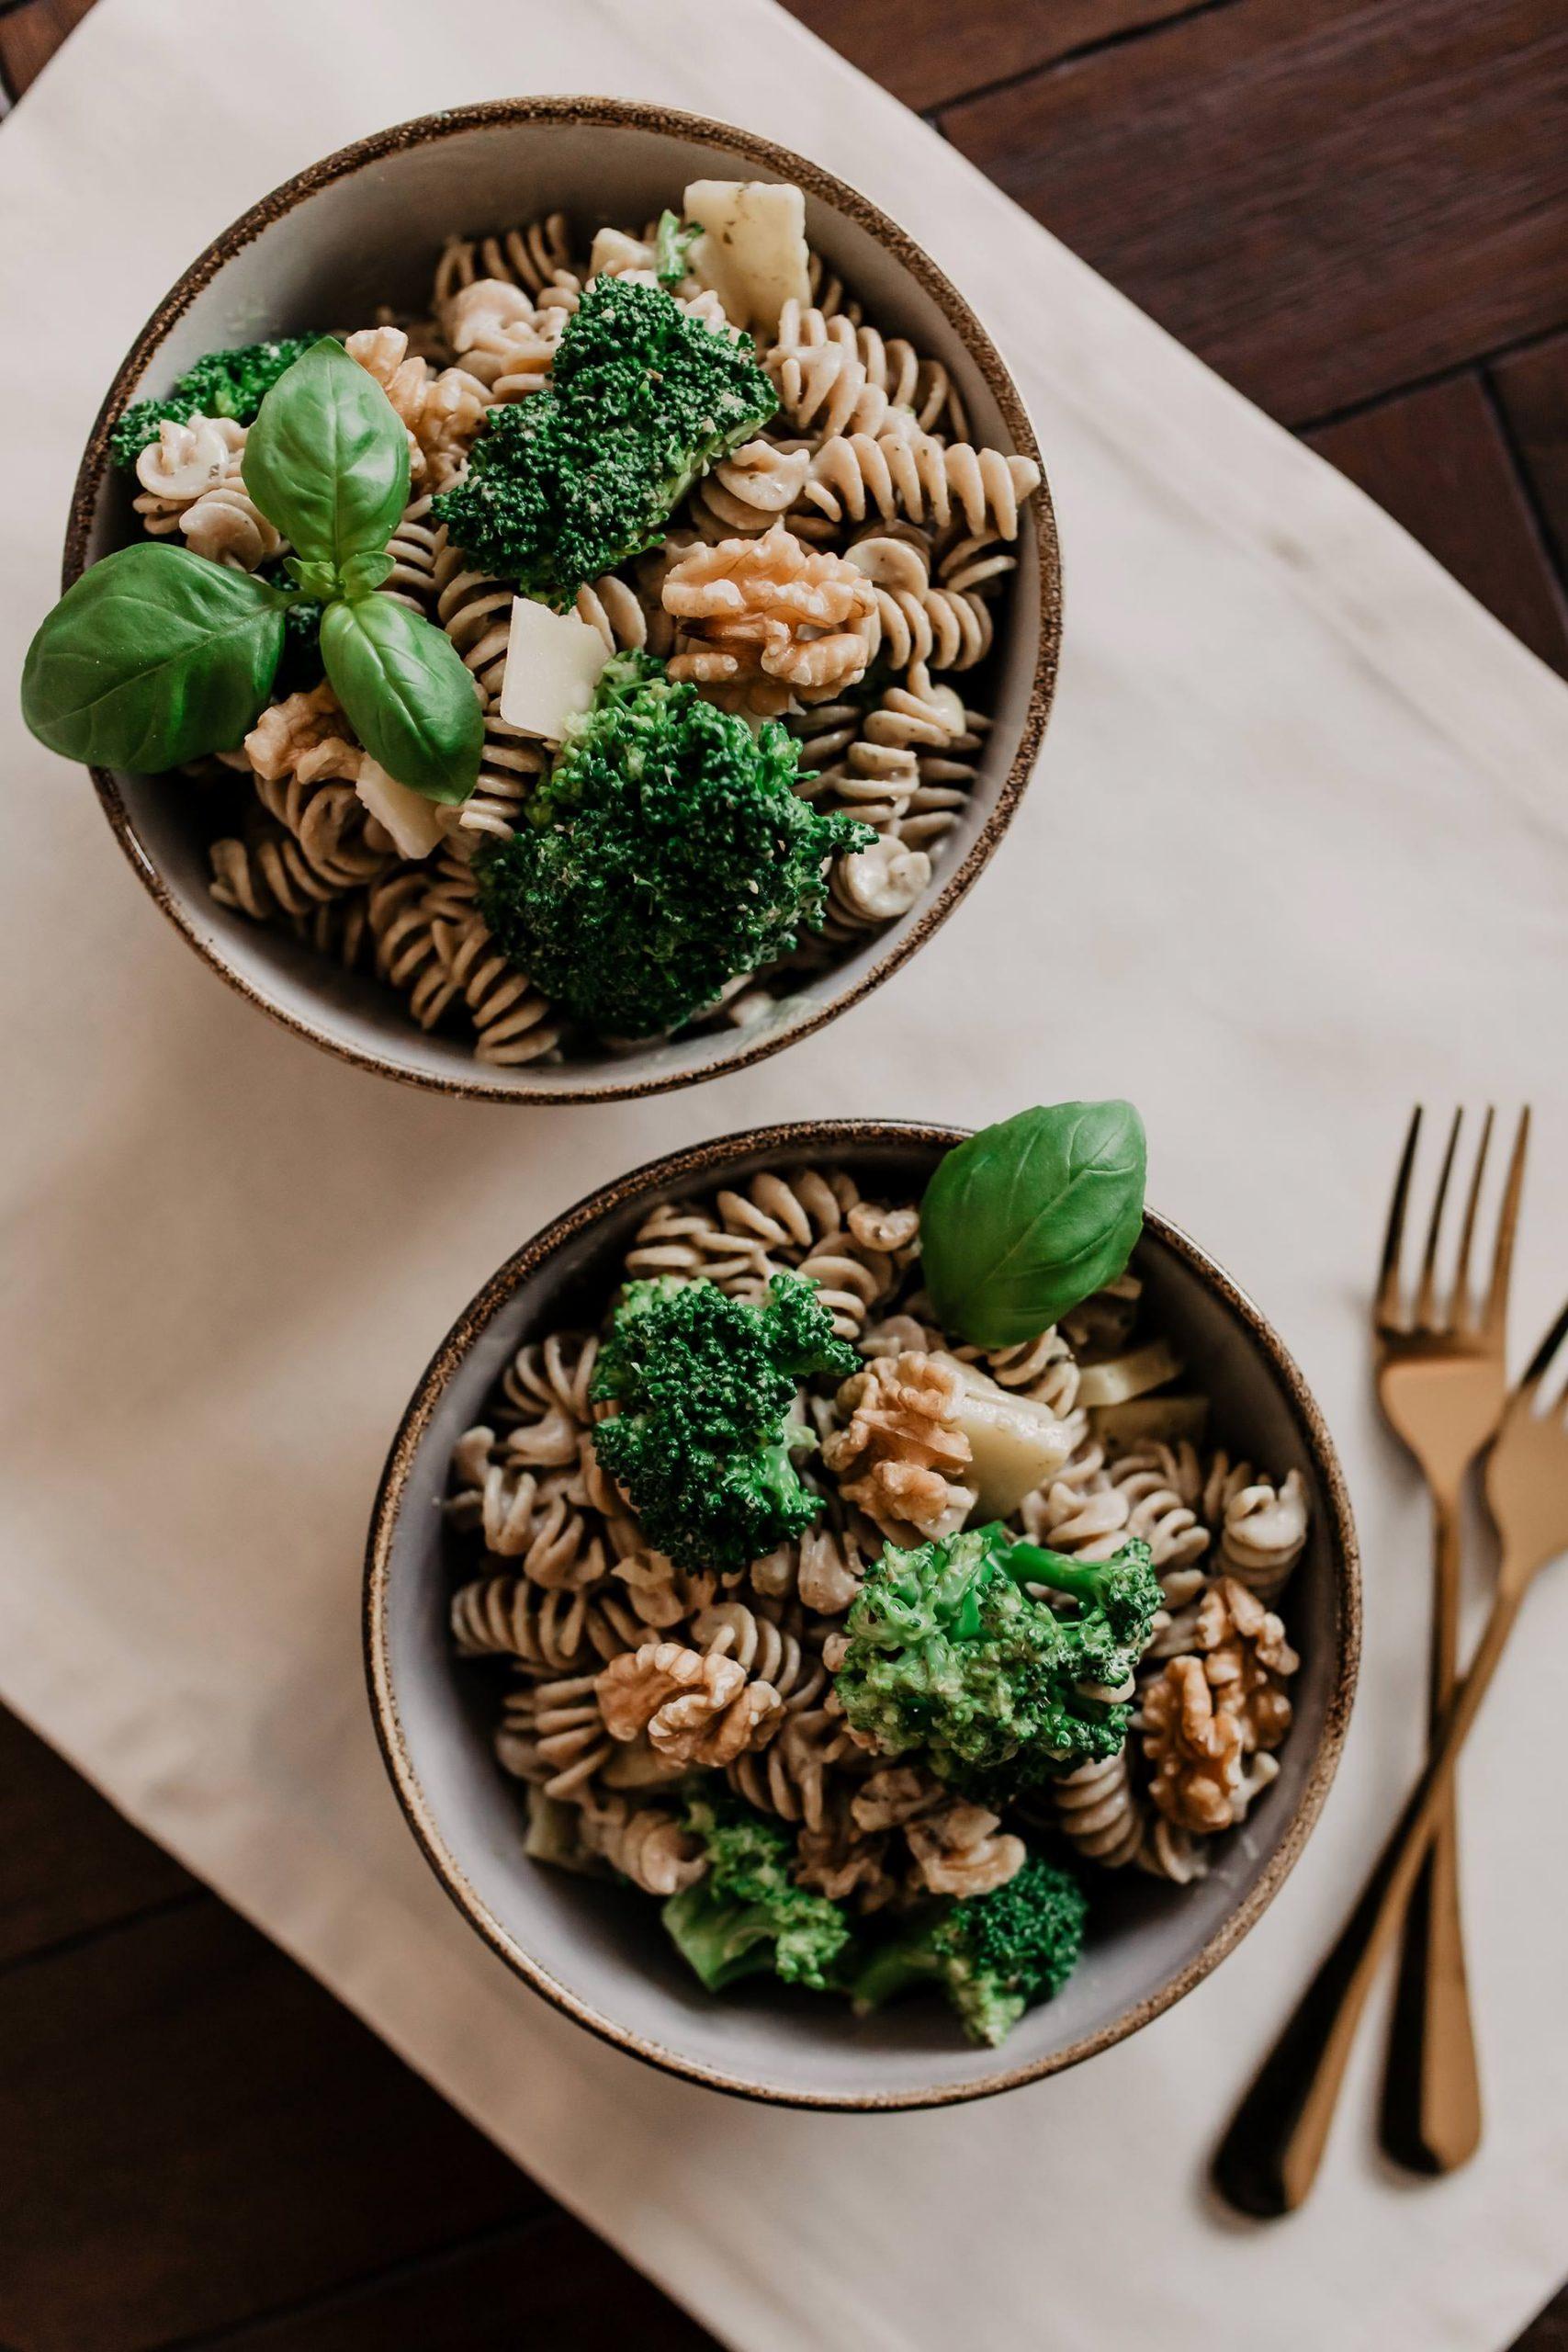 Schnelles Mittagessen Ohne Fleisch: 5 Einfache Vegetarische innen Einfache Schnelle Rezepte Ohne Fleisch